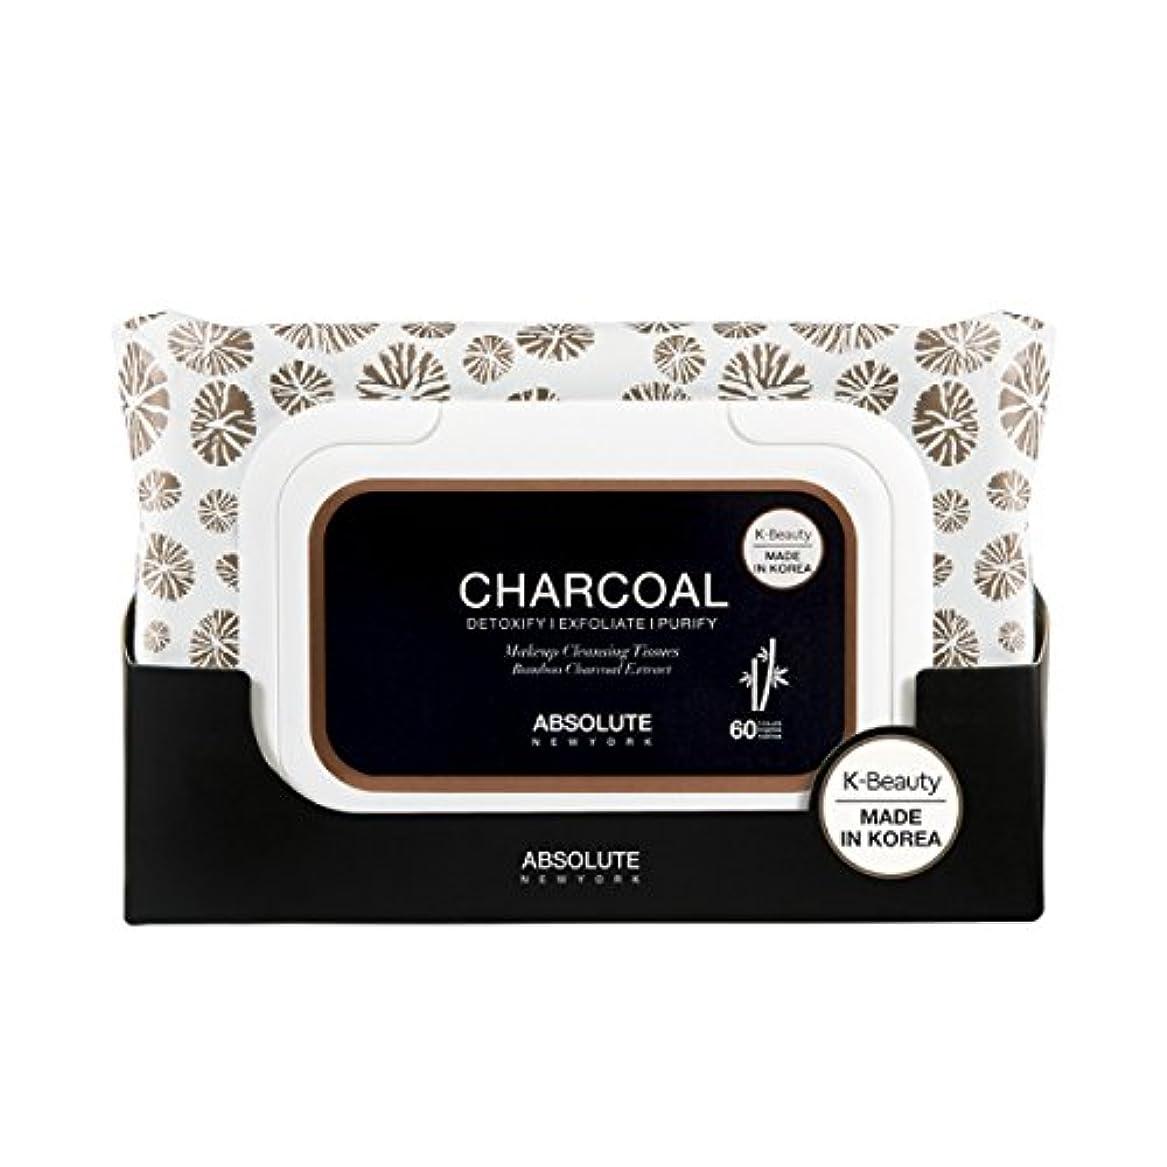 人里離れた悲惨な印刷する(3 Pack) ABSOLUTE Charcoal Cleansing Tissue (並行輸入品)